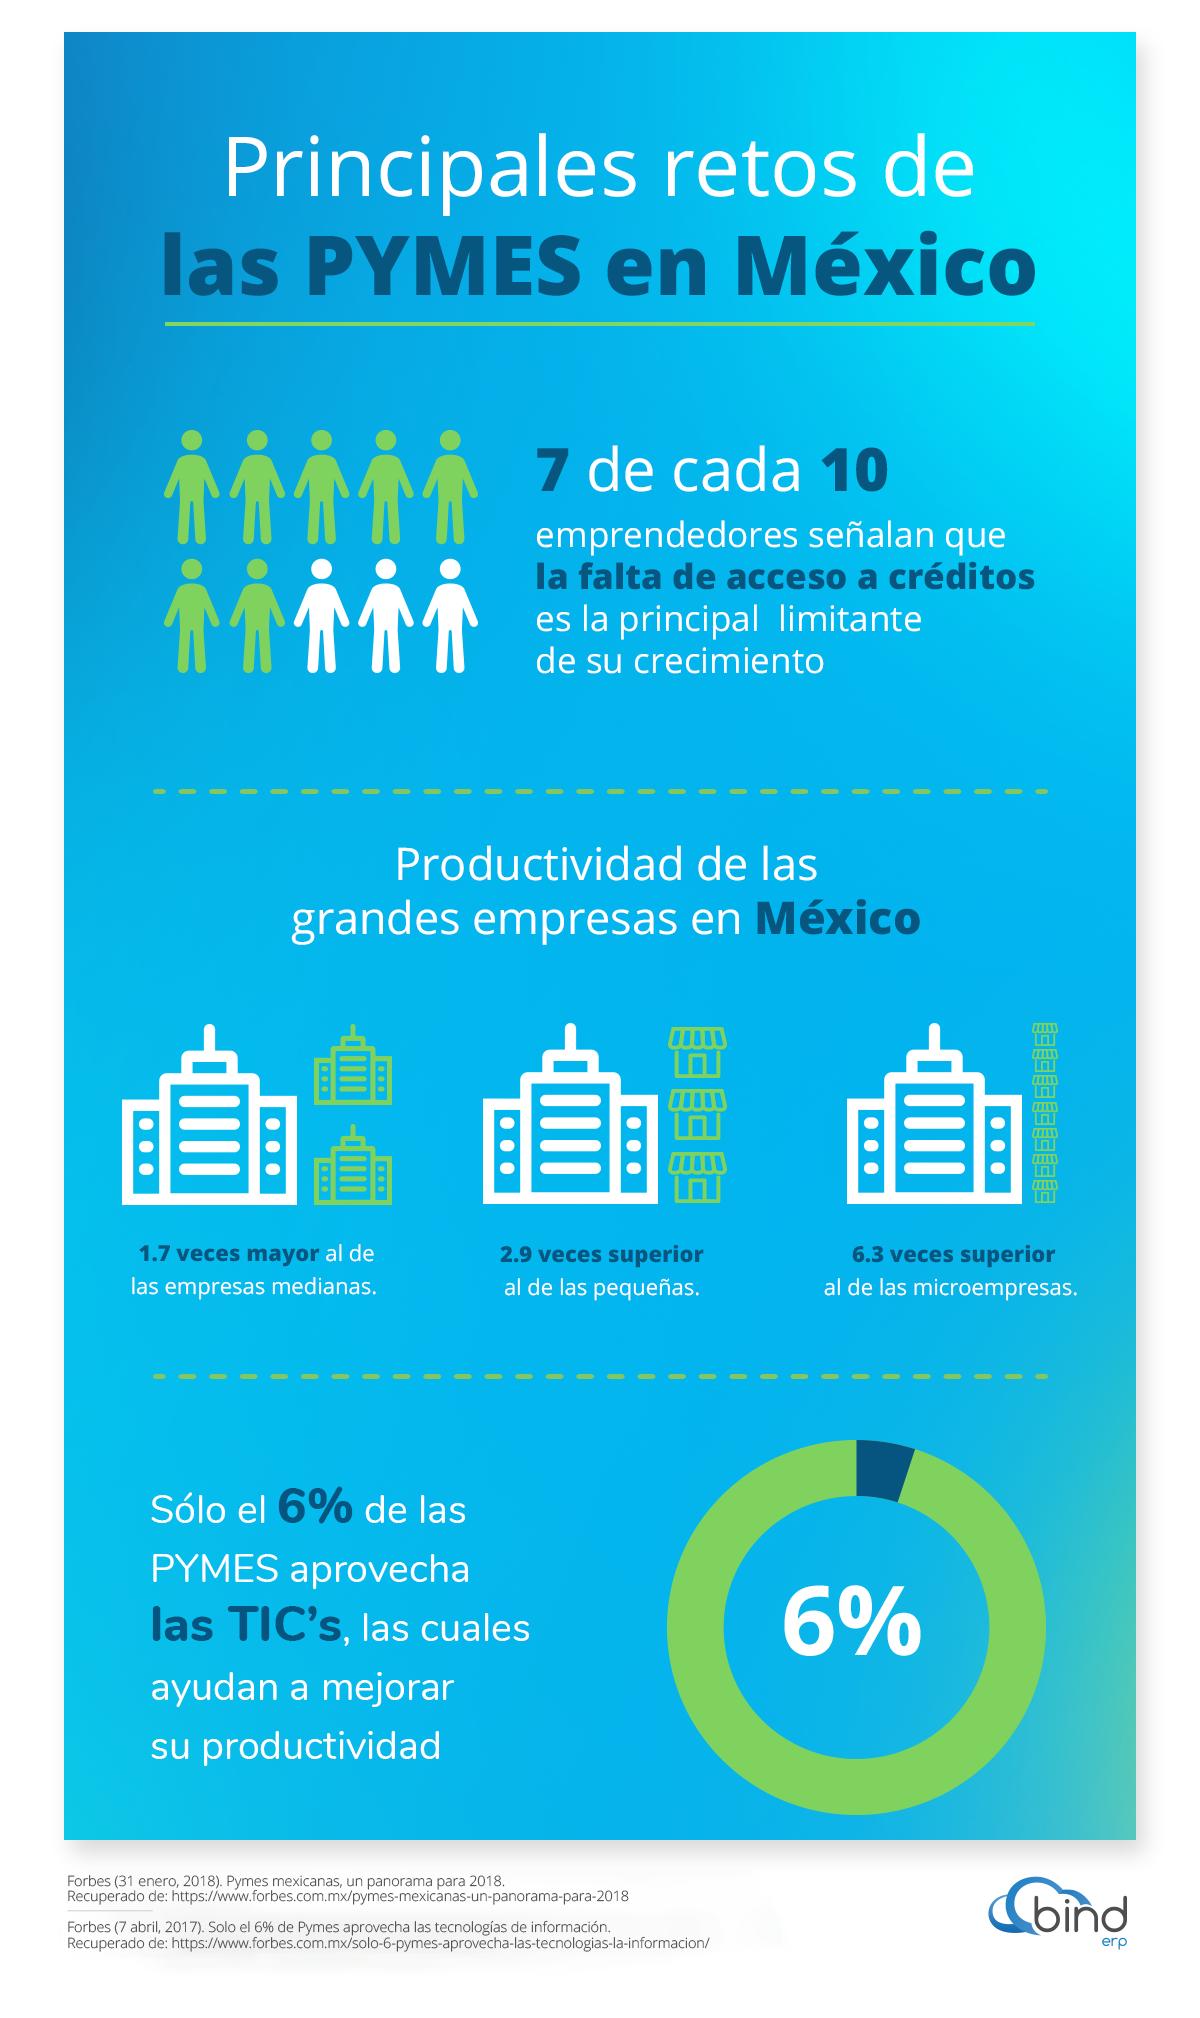 Principales retos de las PYMES en Mexico